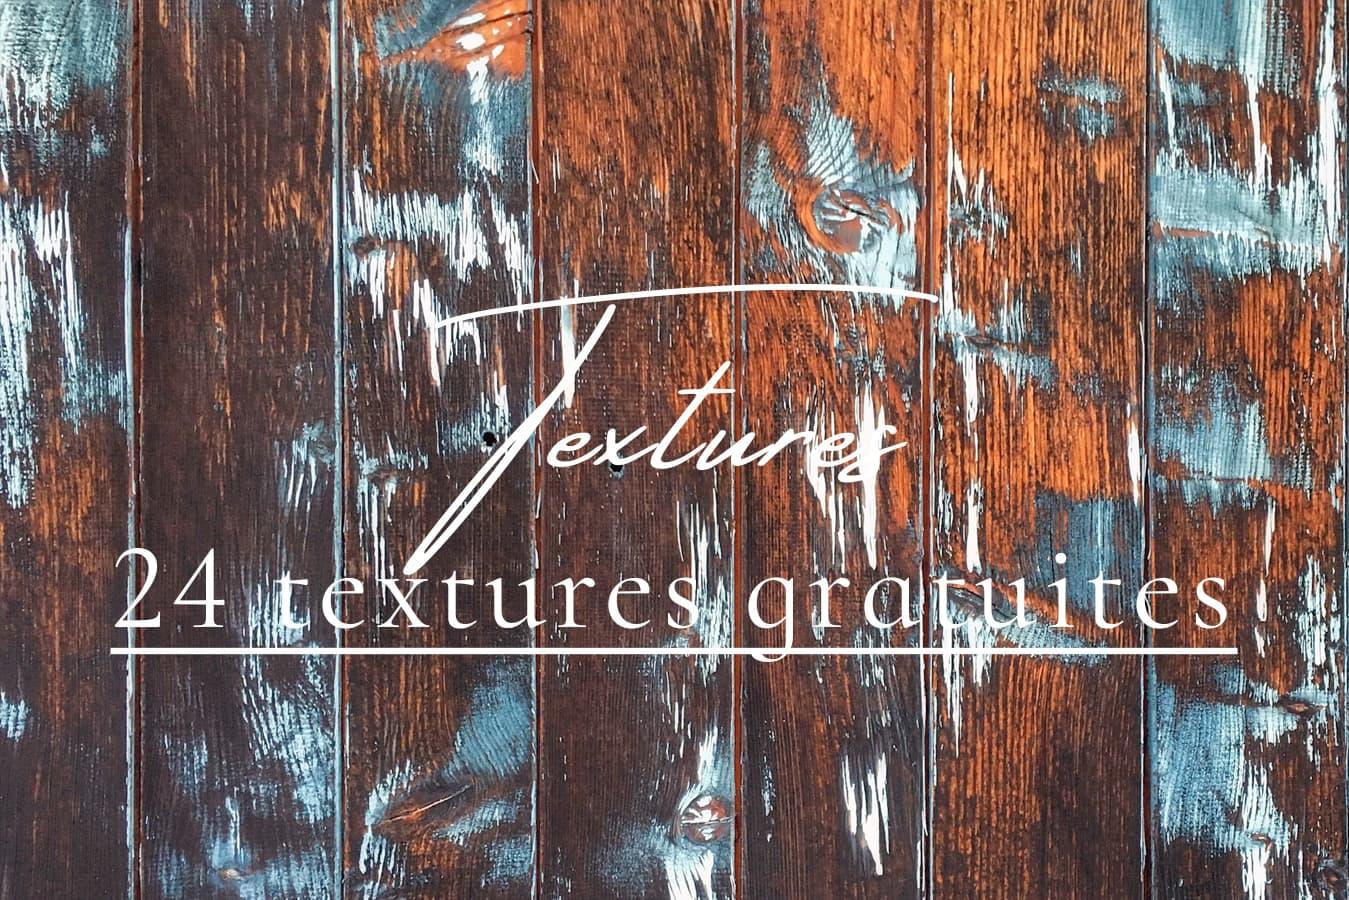 24 Textures Gratuites A Telecharger Sur Nature Photographie